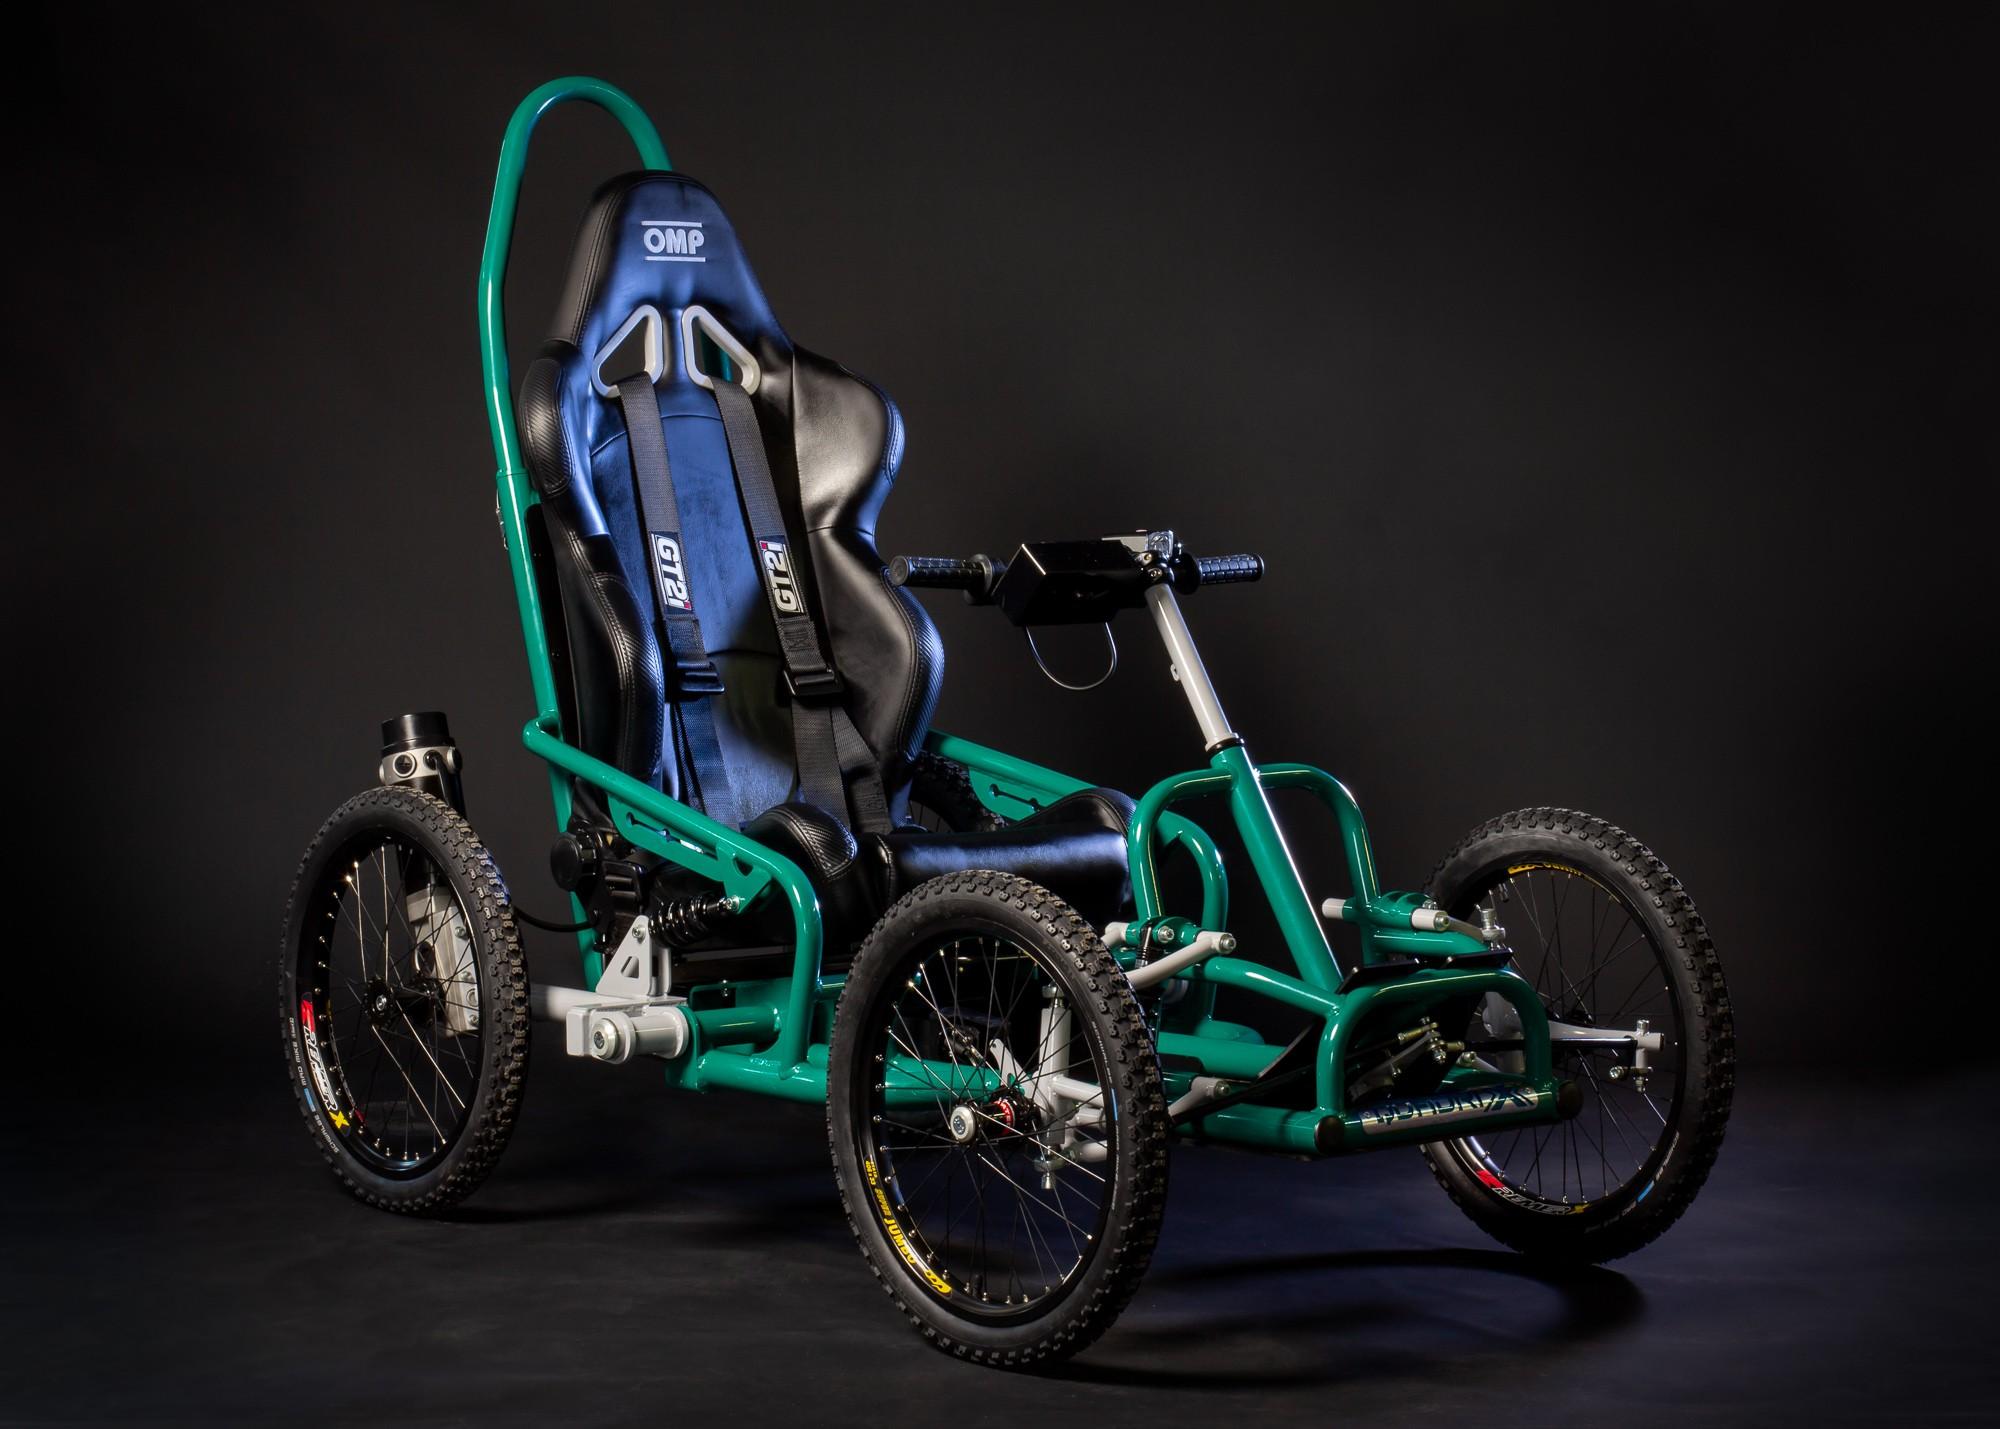 modèle Access marque quadrix fauteuil sportif pmr